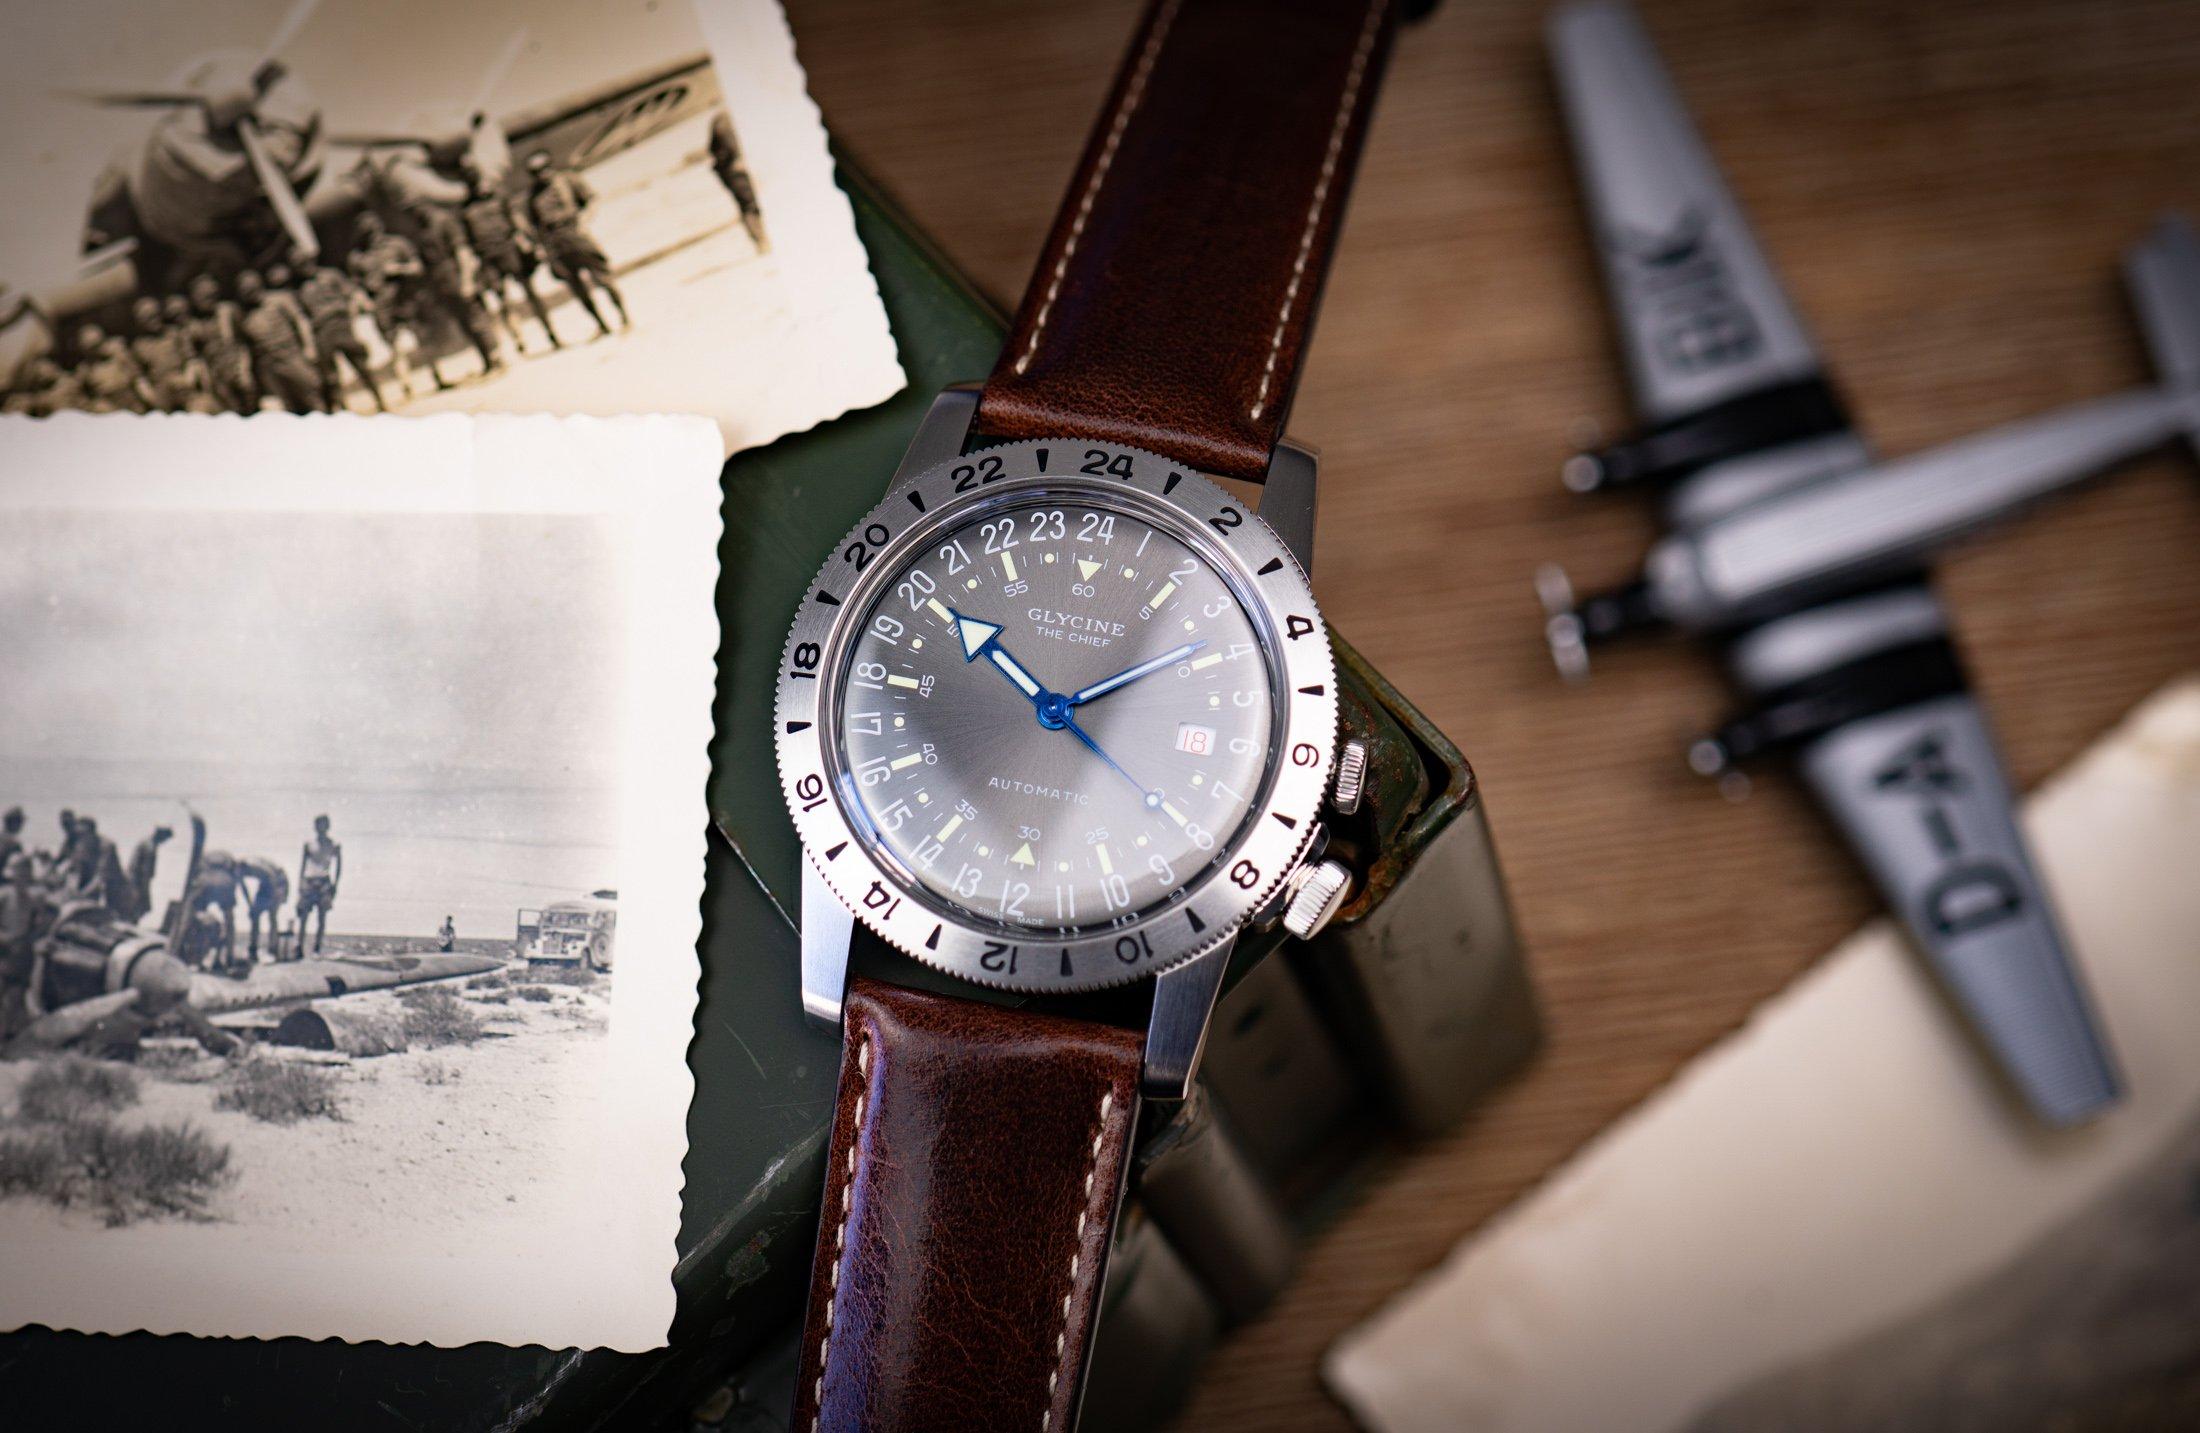 Glycine-Airman-GMT-Uhr-24-Stunden-Zifferblatt